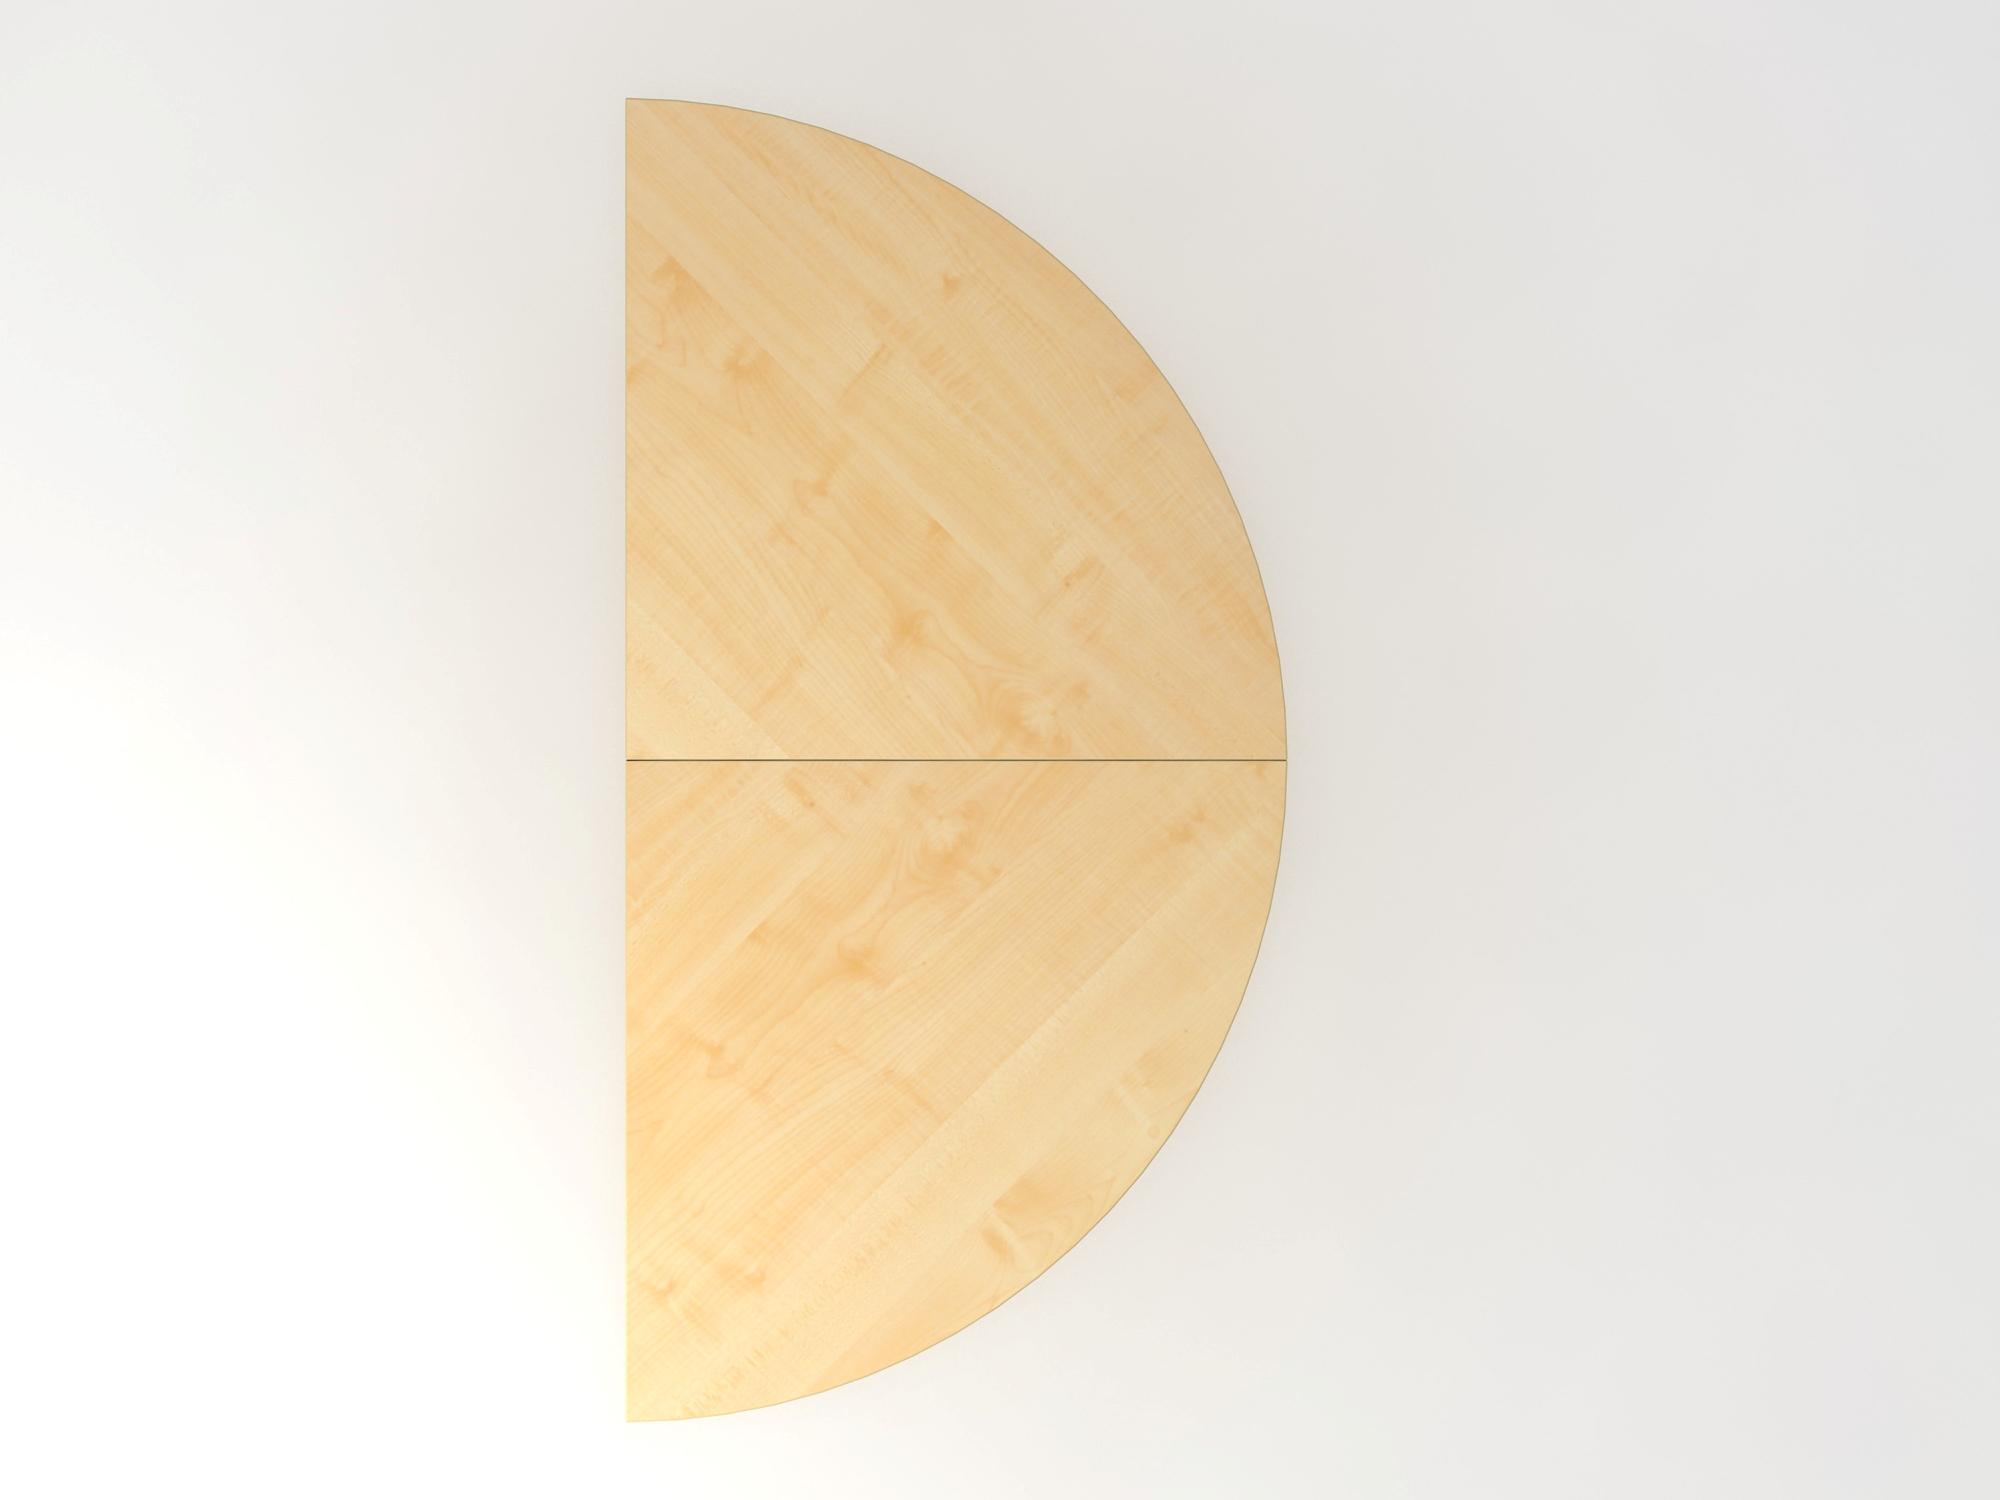 Anbautisch 2xViertelkreis/STF Ahorn/Graphit